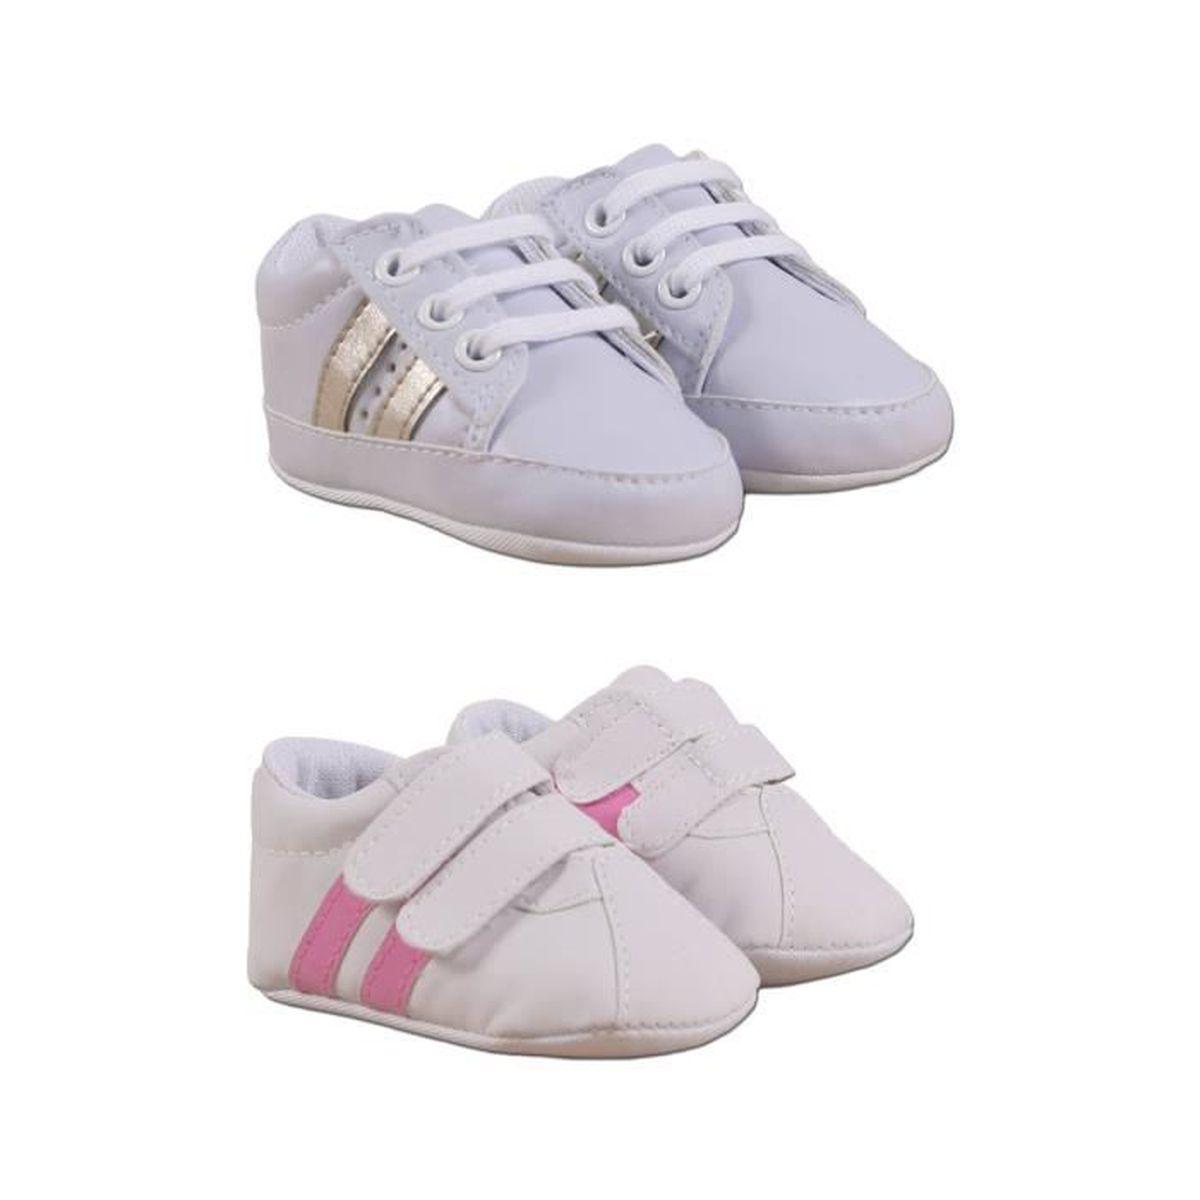 90c8888247a03 Chaussures Bébé Lot de 2 Rose Rose - Achat   Vente babies - Cdiscount